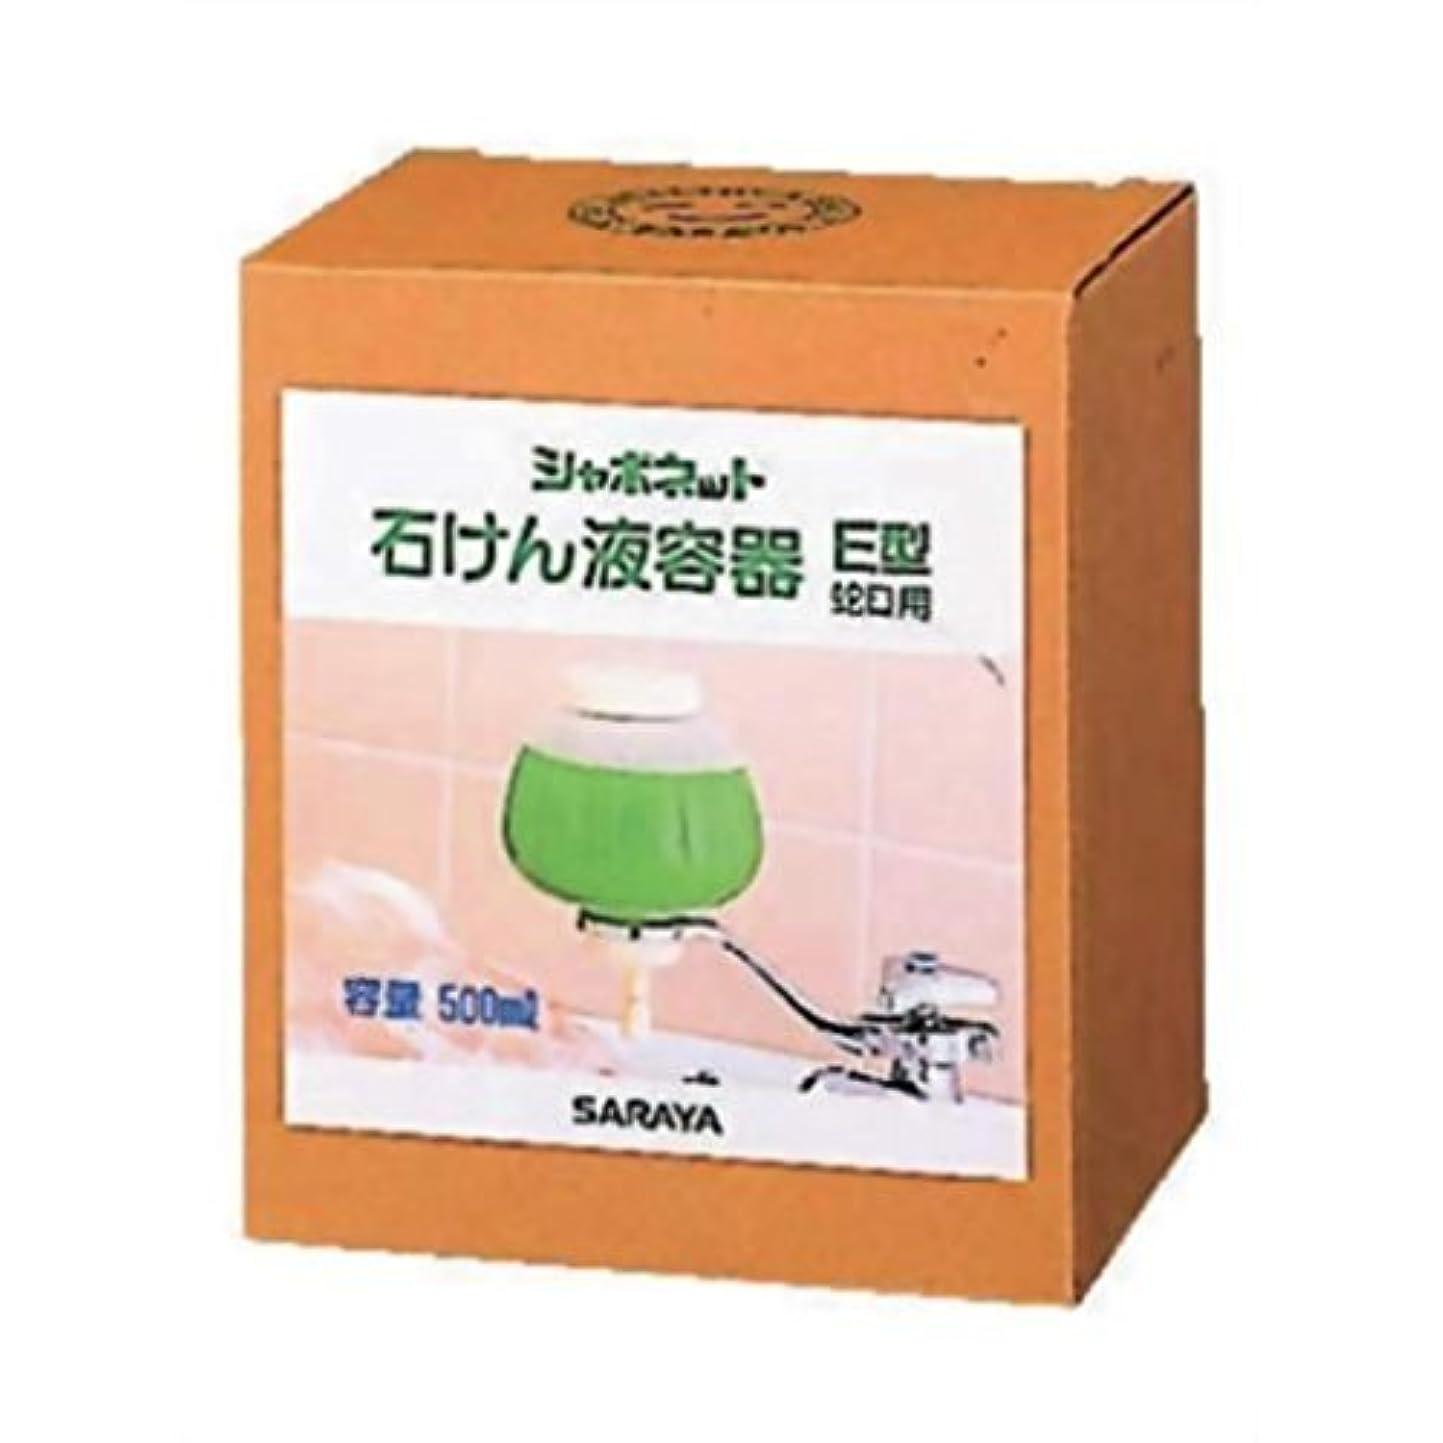 最終アデレード敬礼(まとめ買い)サラヤ シャボネット 容器E型蛇口用500ml 【×6セット】